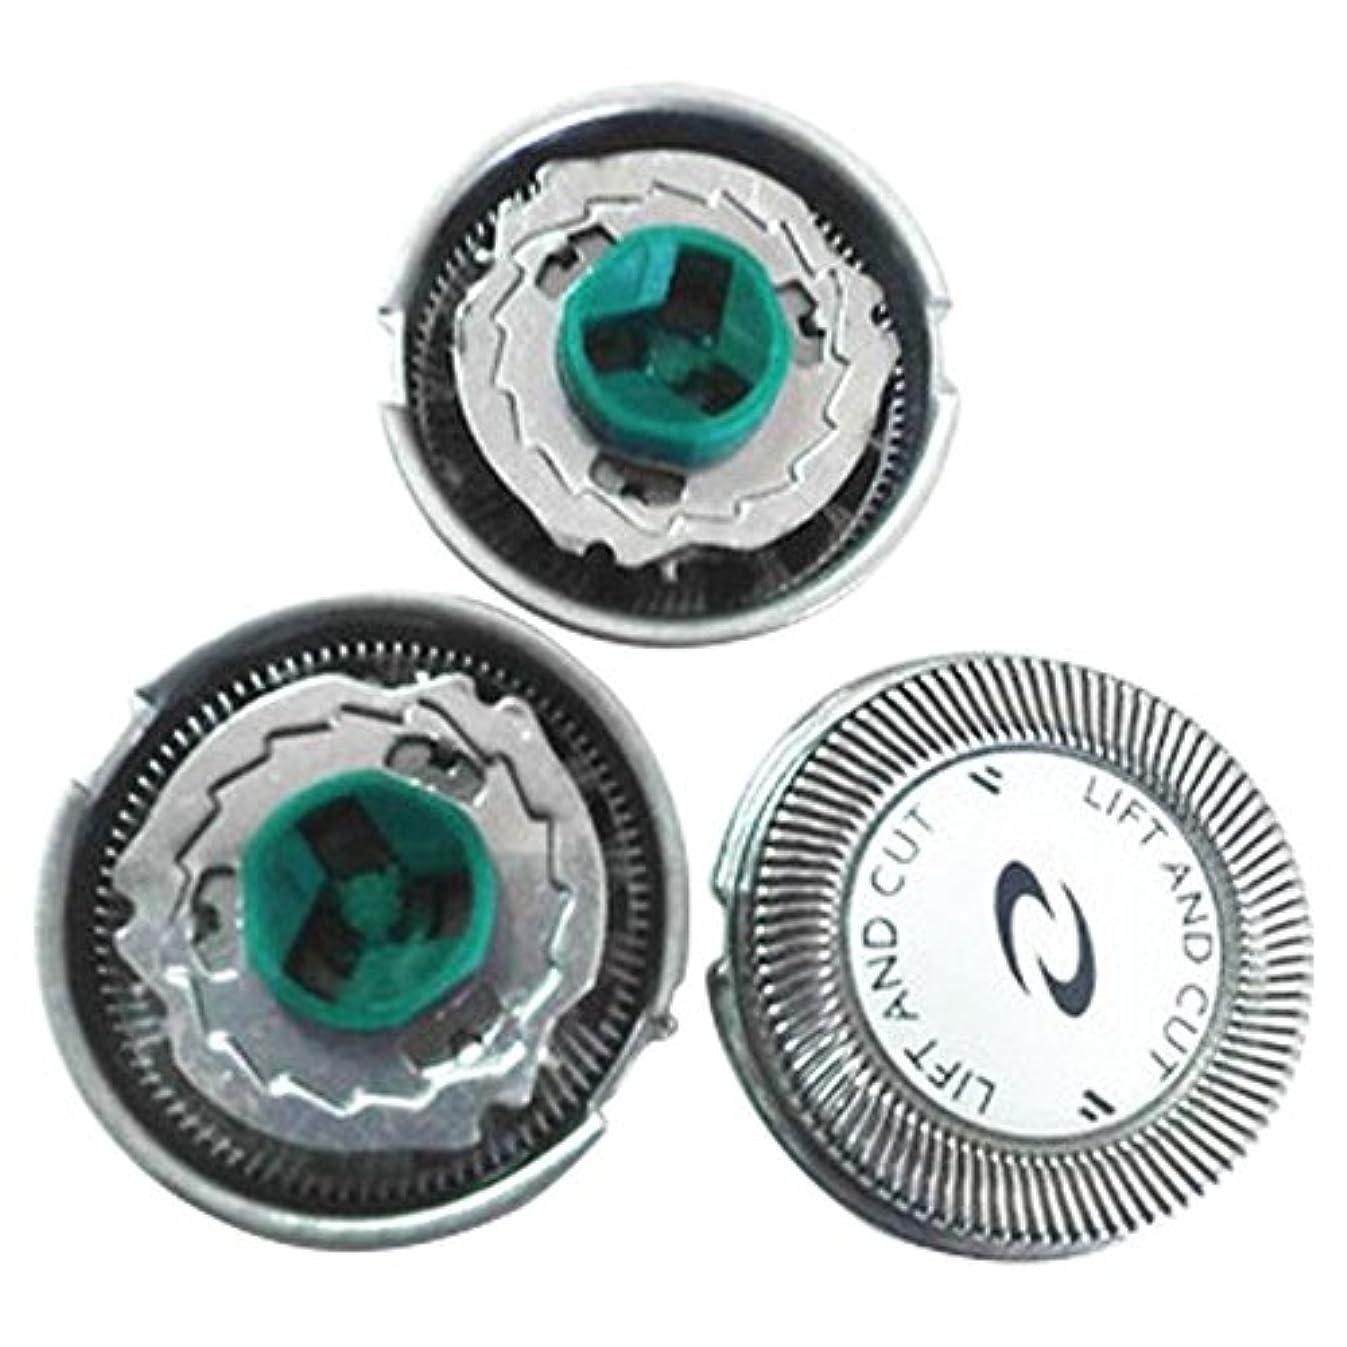 条件付きループ実施するJuleyaing 置換 シェーバー かみそり 頭 刃 for Philips HQ7310 PT720 PT725 HQ7140 HQ7390